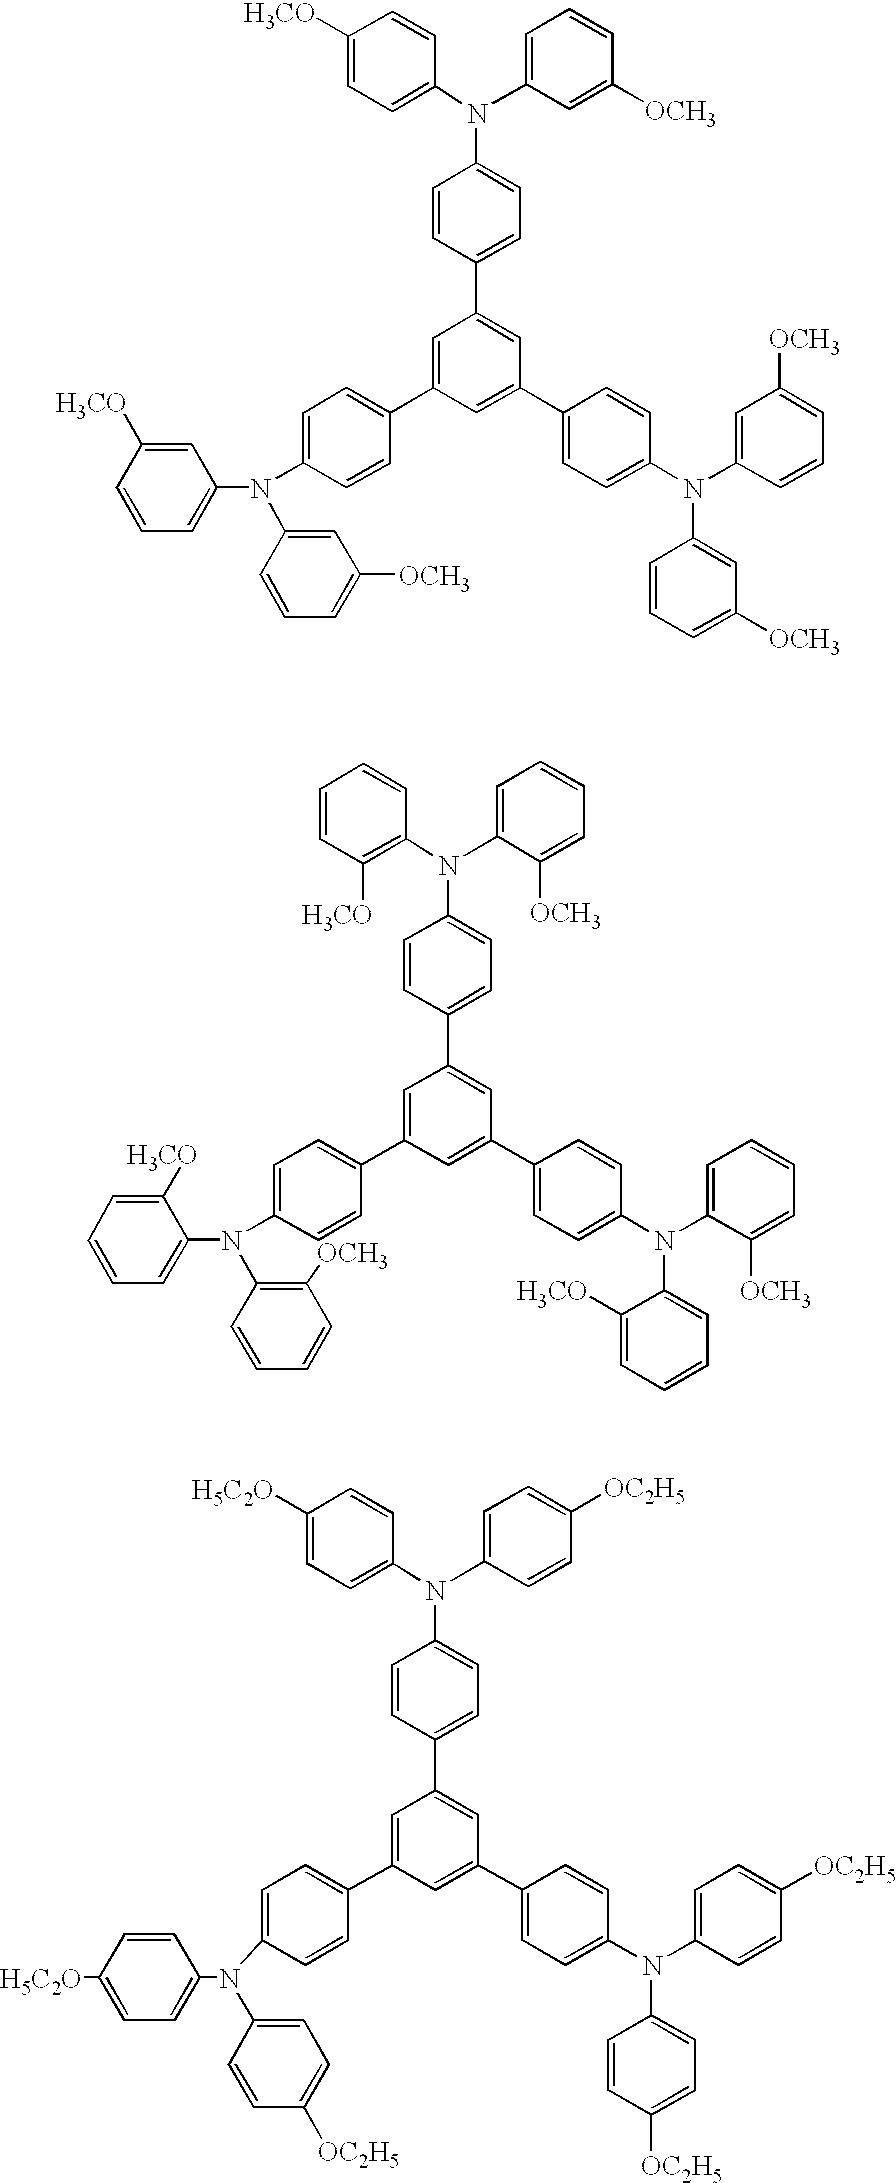 Figure US06541128-20030401-C00050